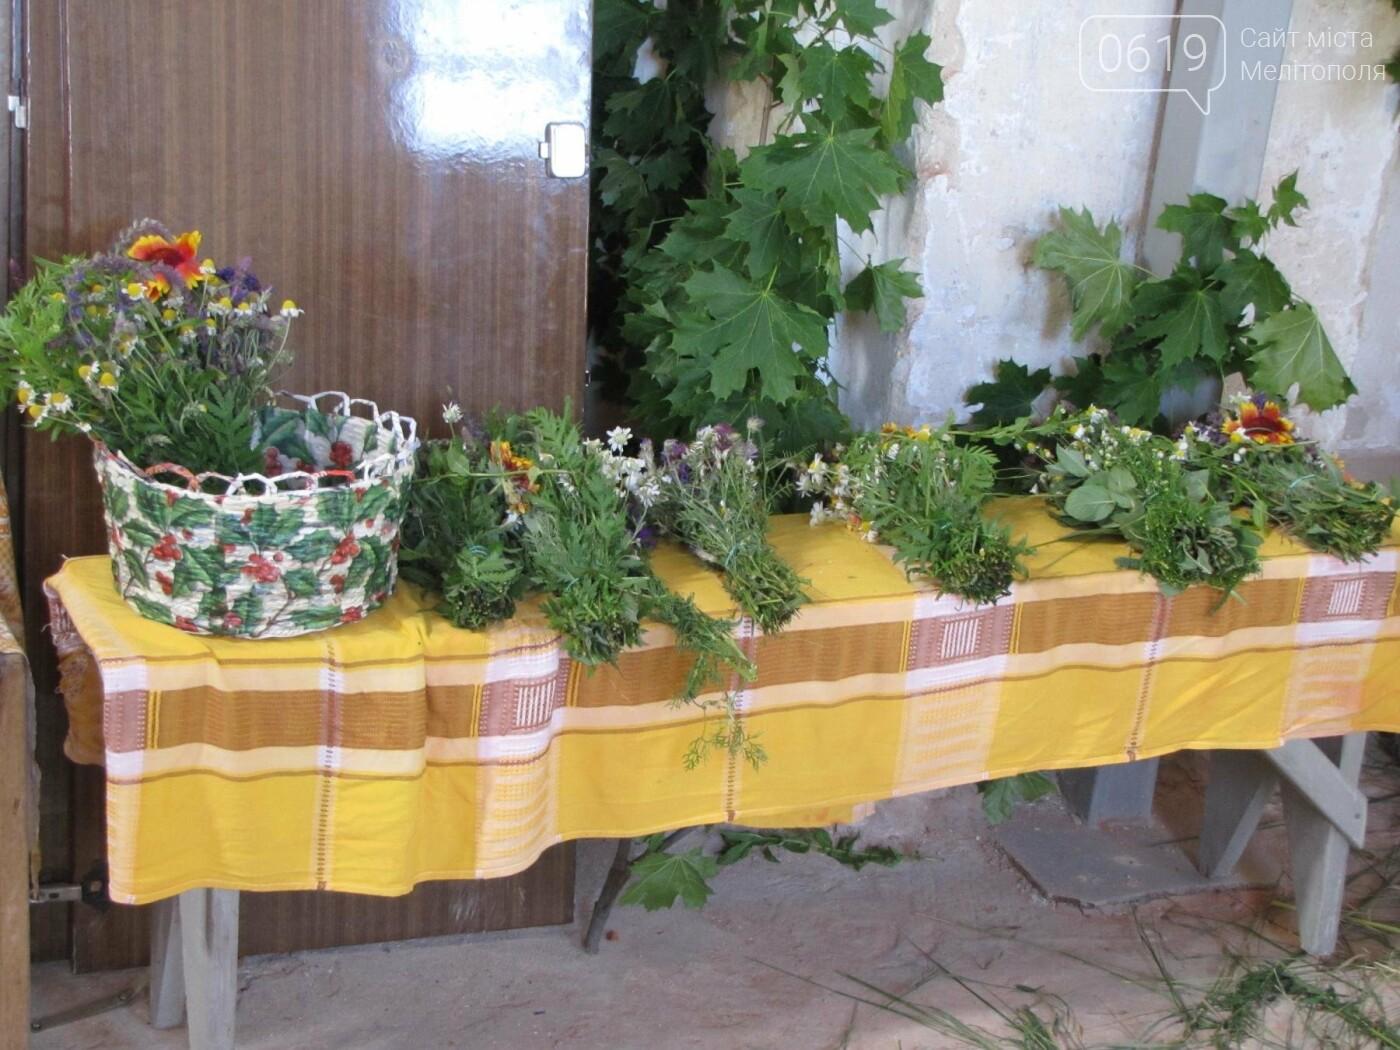 Жители Мелитопольщины отпраздновали Троицу, фото-31